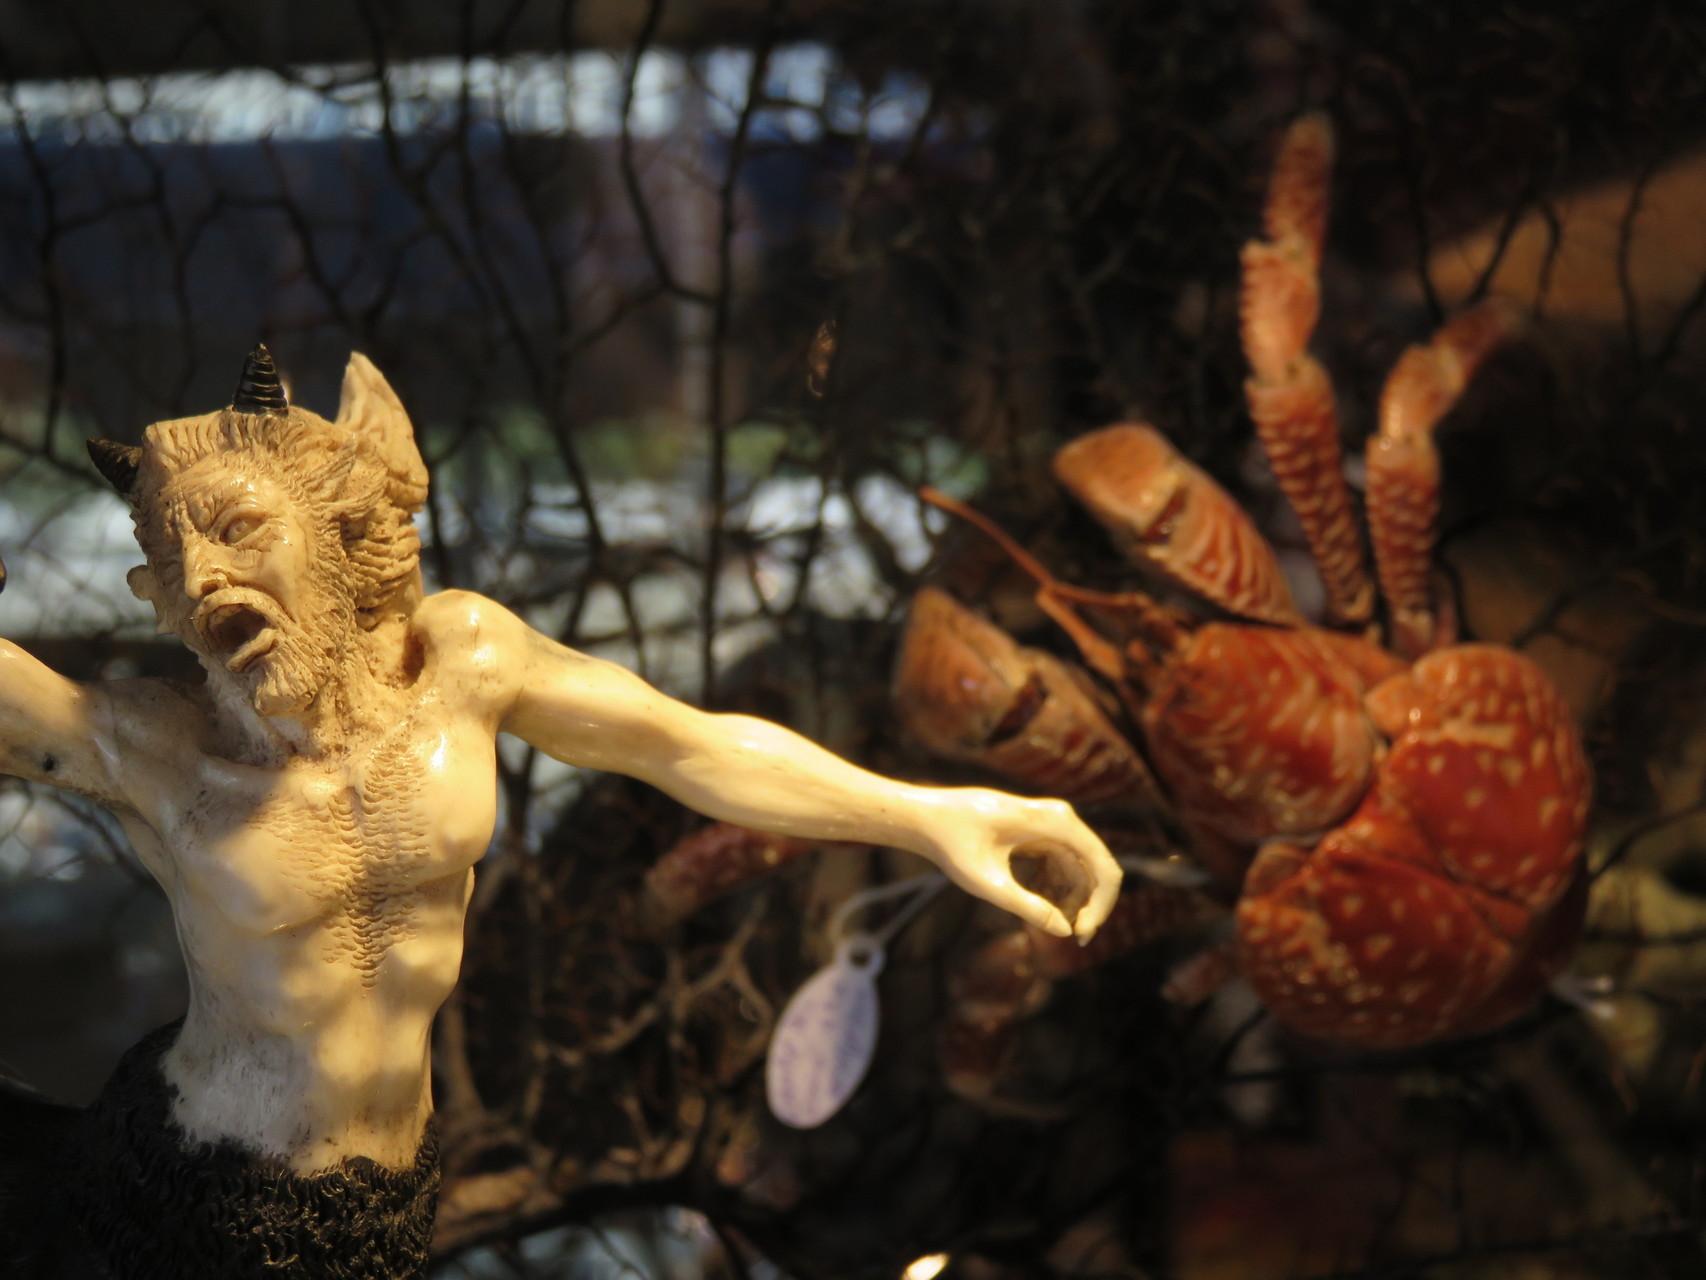 rare objet de vitrine centaure en bois de renne et crabe des cocotiers